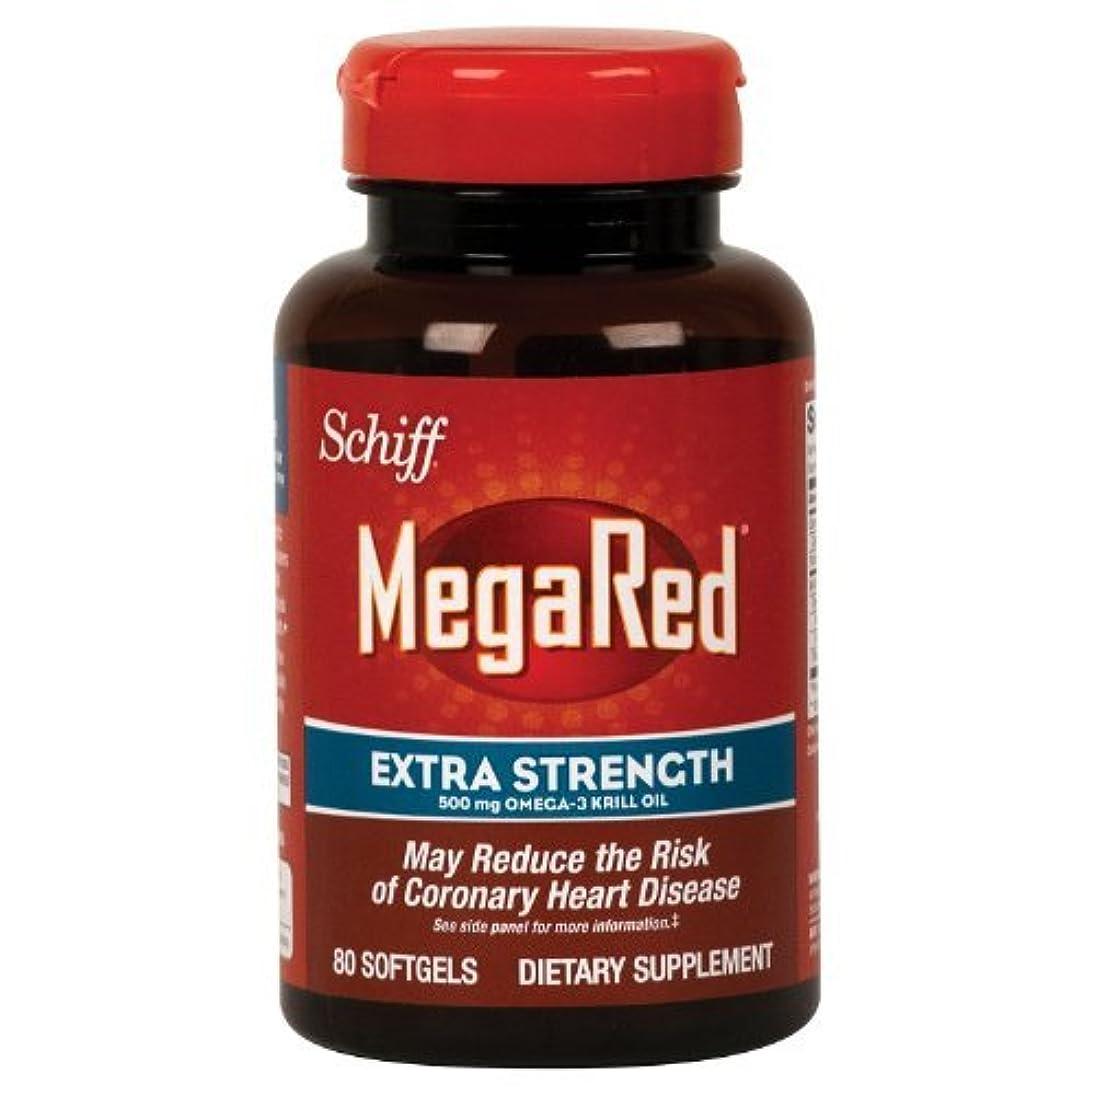 手首運動する前述のSchiff Megared Extra Strength 500mg Omega-3 Krill Oil - 80 Softgels by Simply Right [並行輸入品]